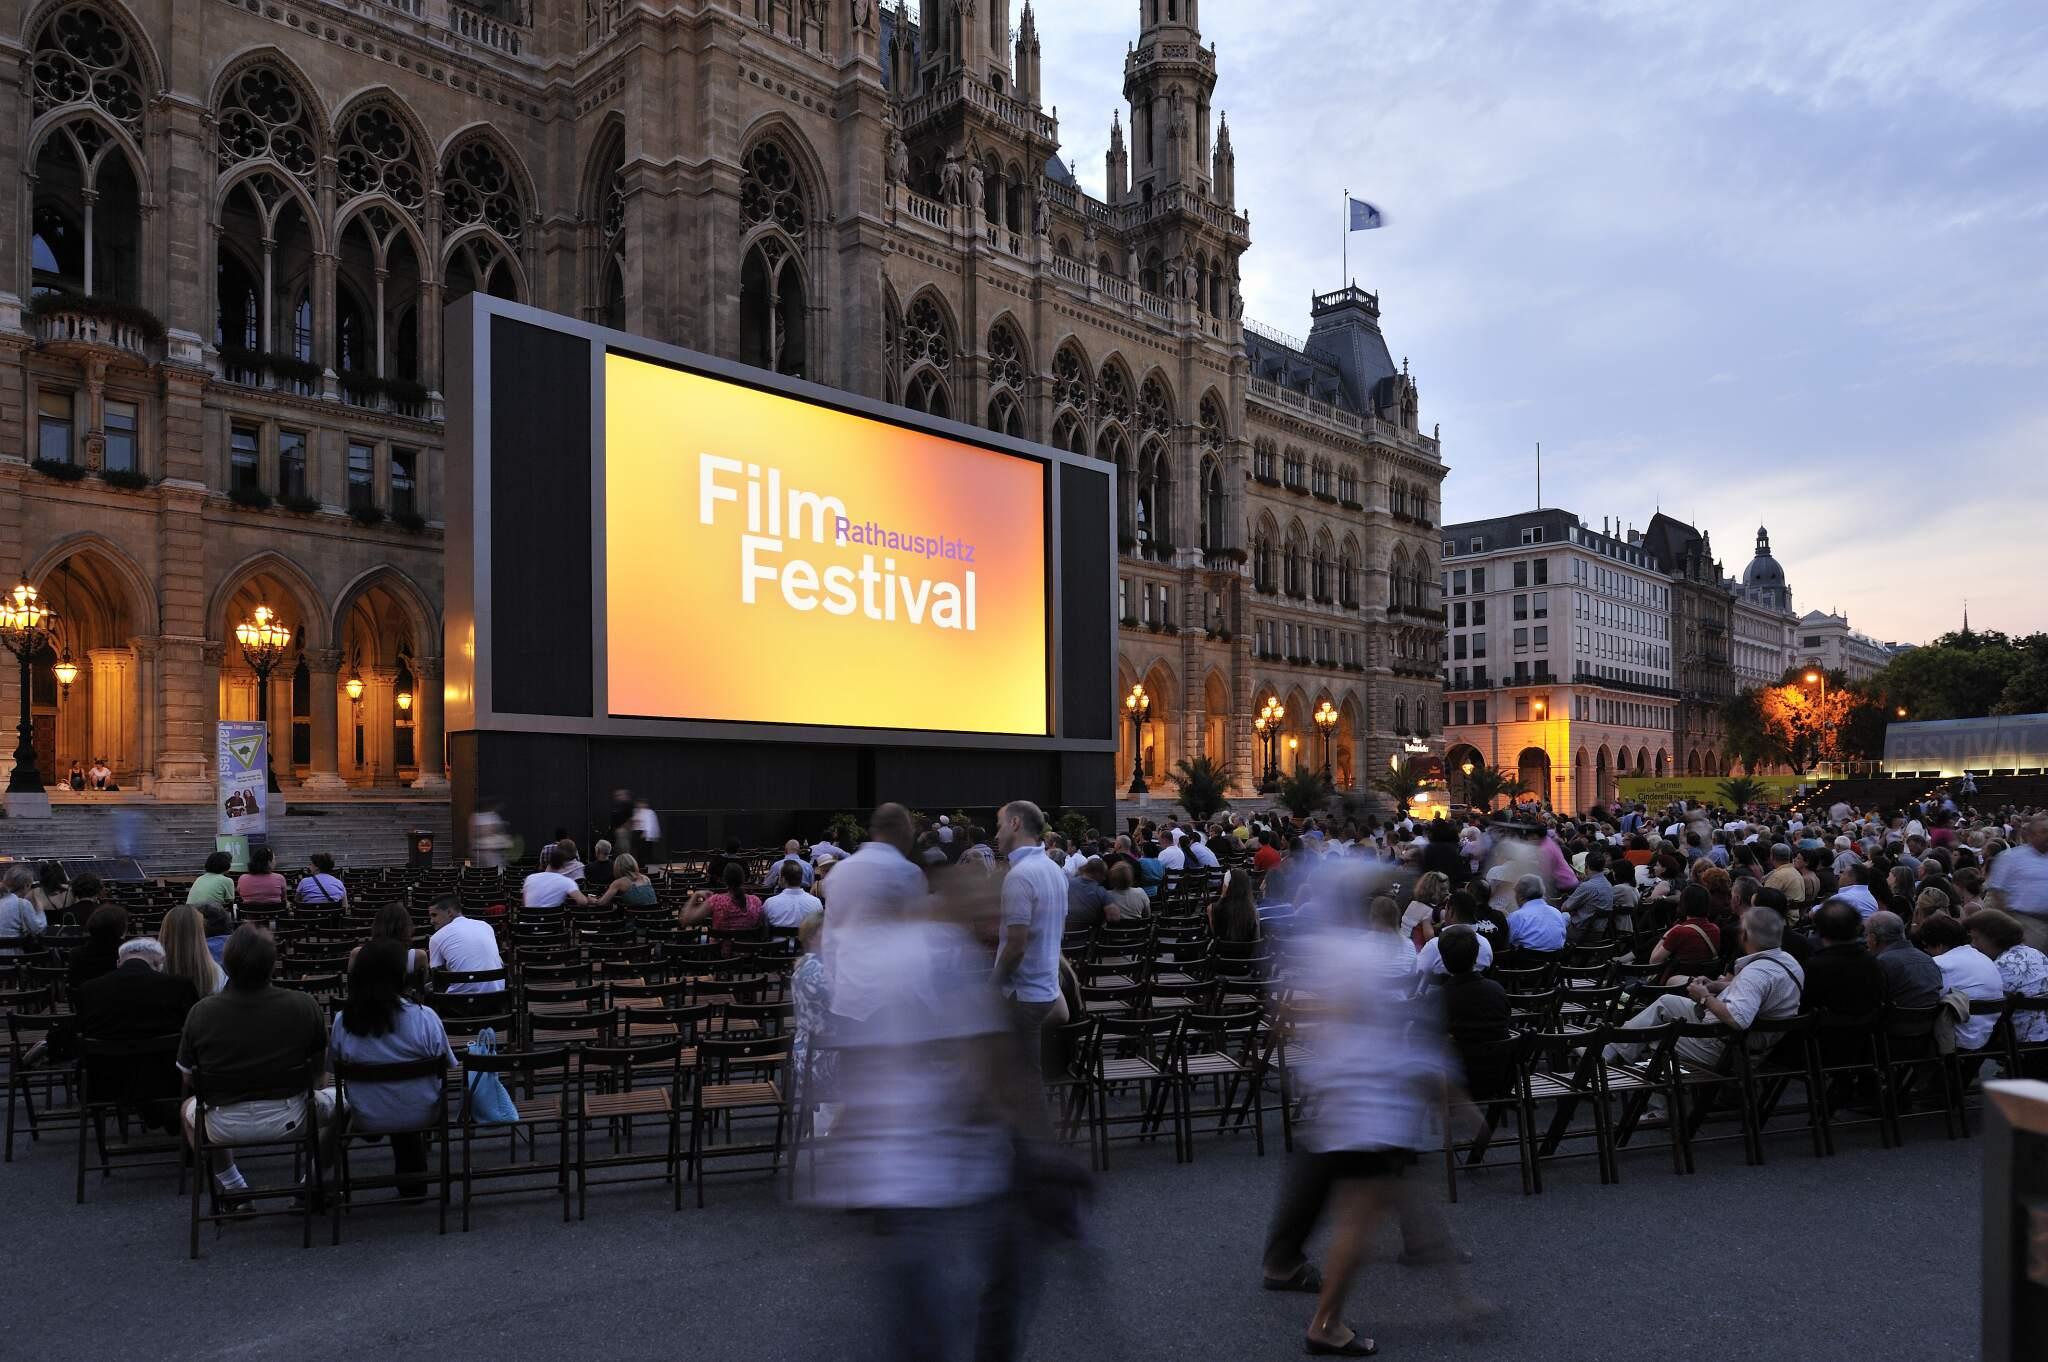 Filmfestival am Wiener Rathausplatz mit Leinwand